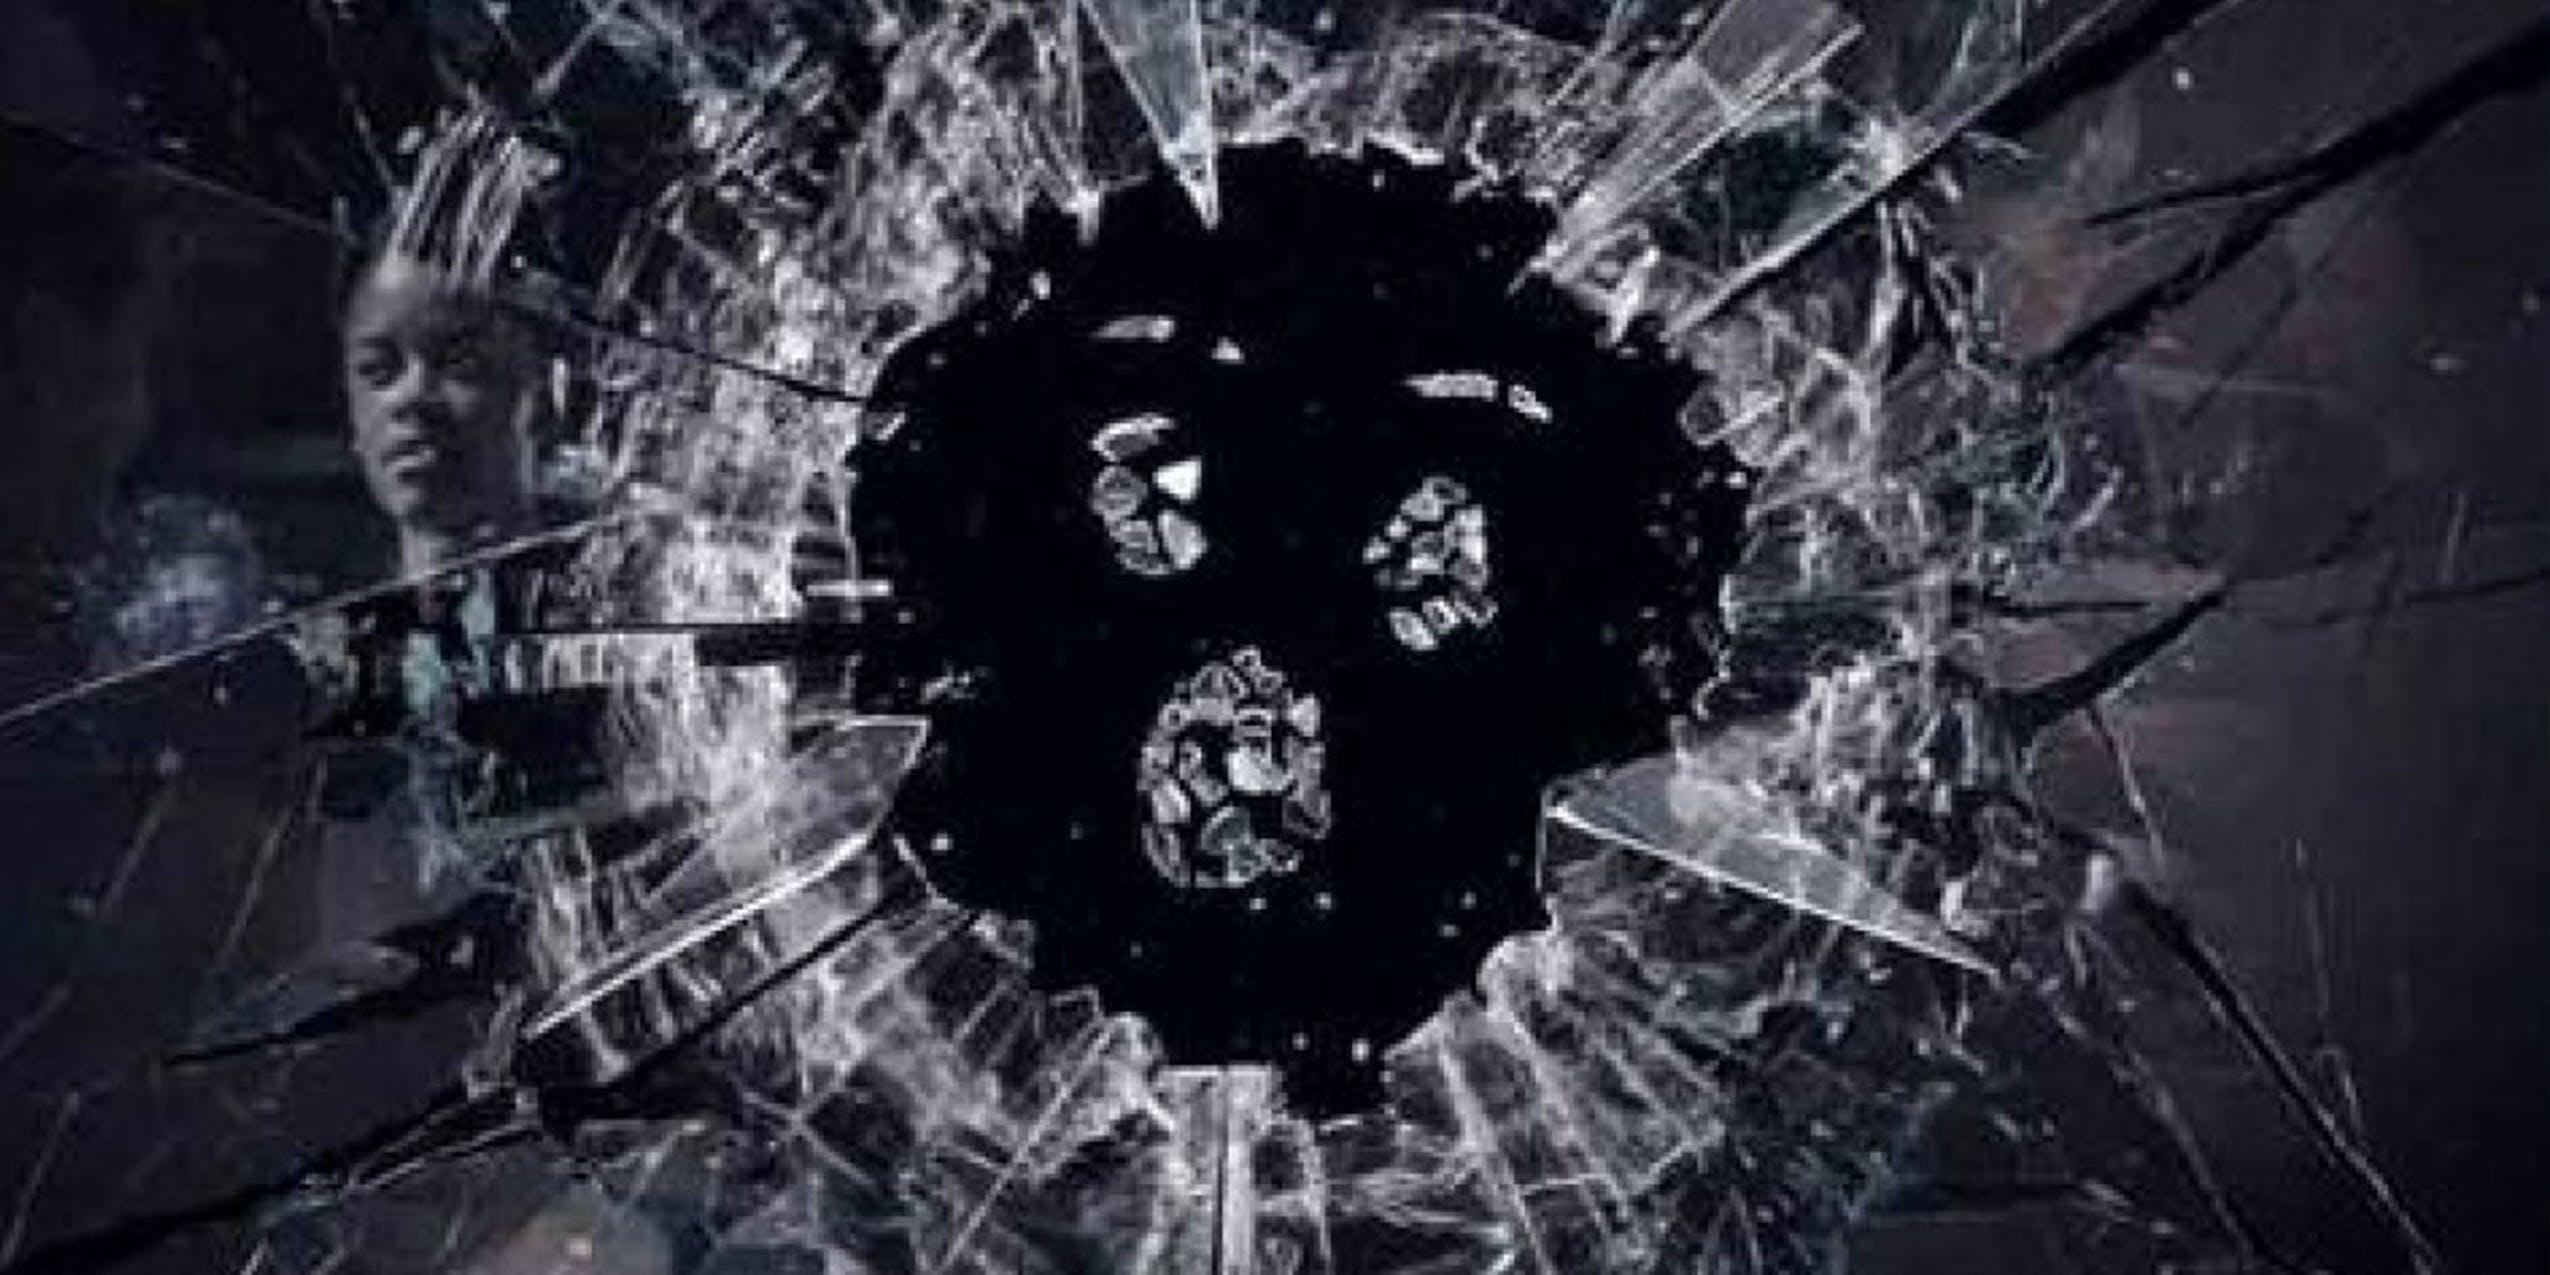 black mirror Netflix original series